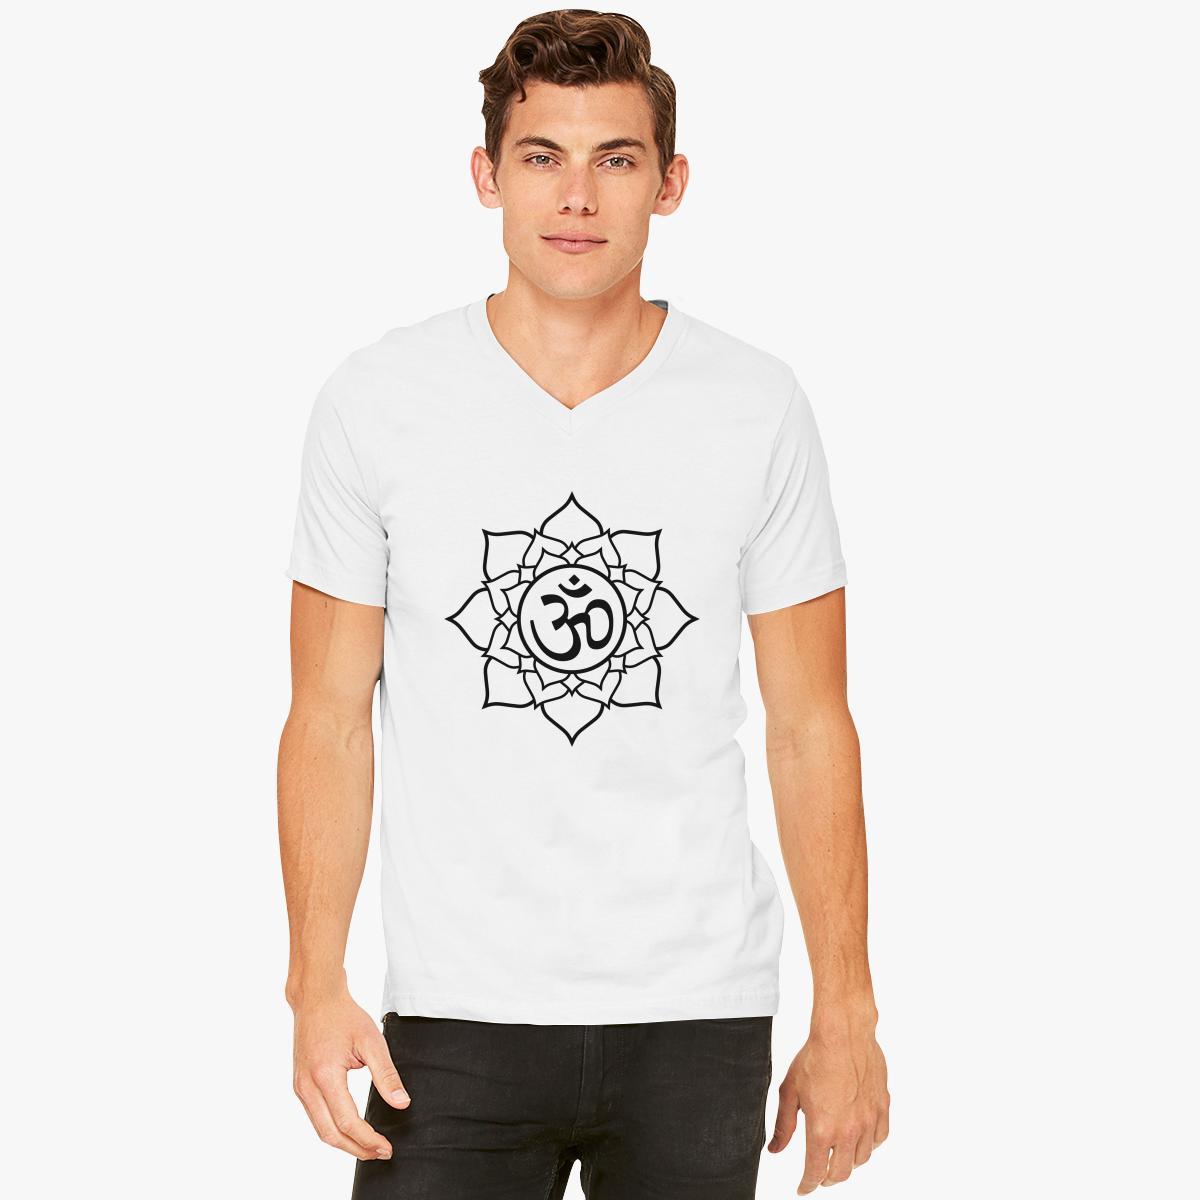 Om lotus flower v neck t shirt customon om lotus flower v neck t shirt izmirmasajfo